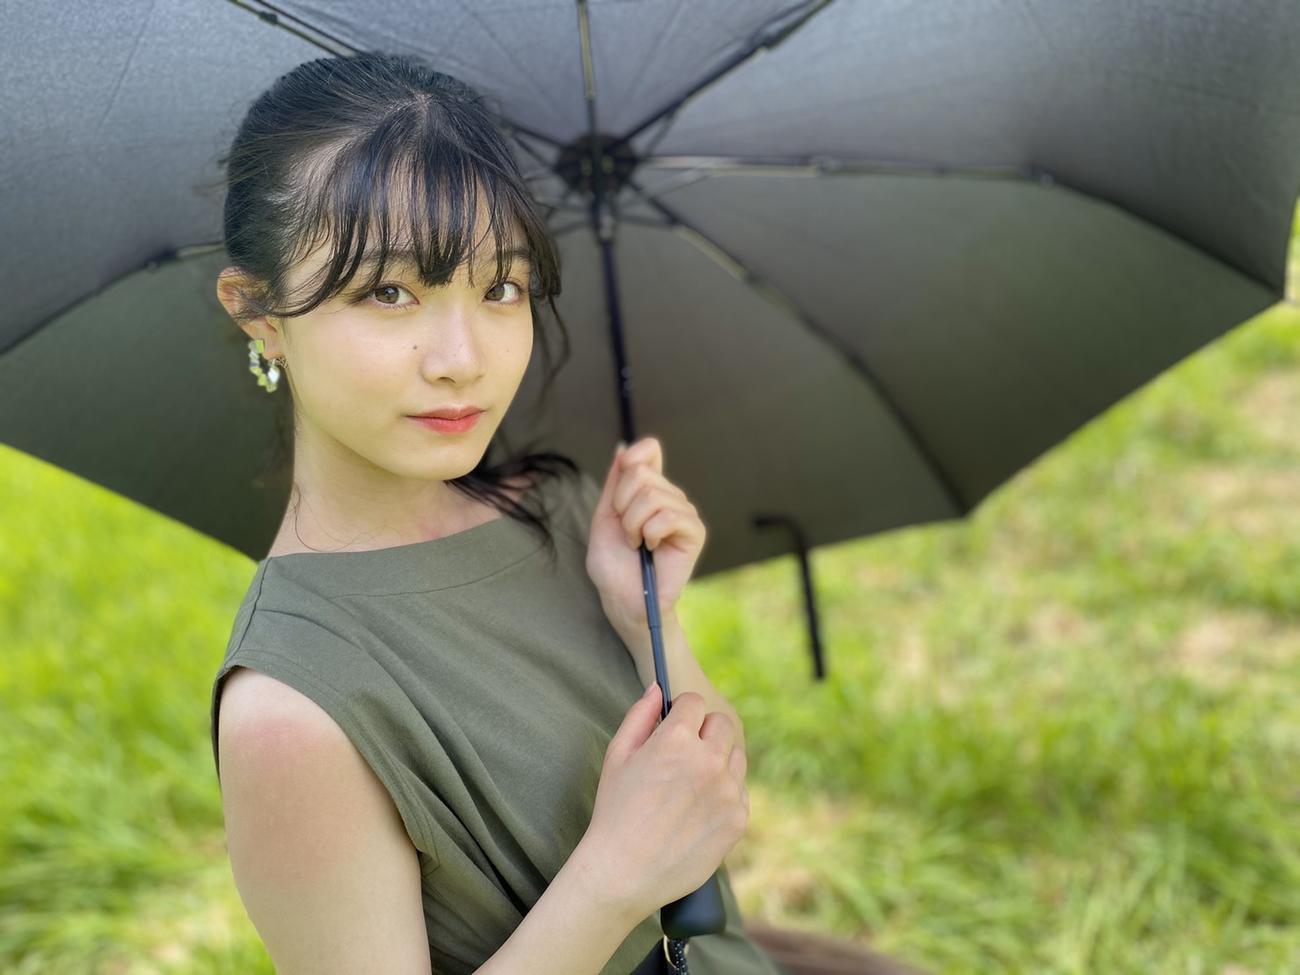 「絶望の後で」のミュージックビデオ撮影での小越春花